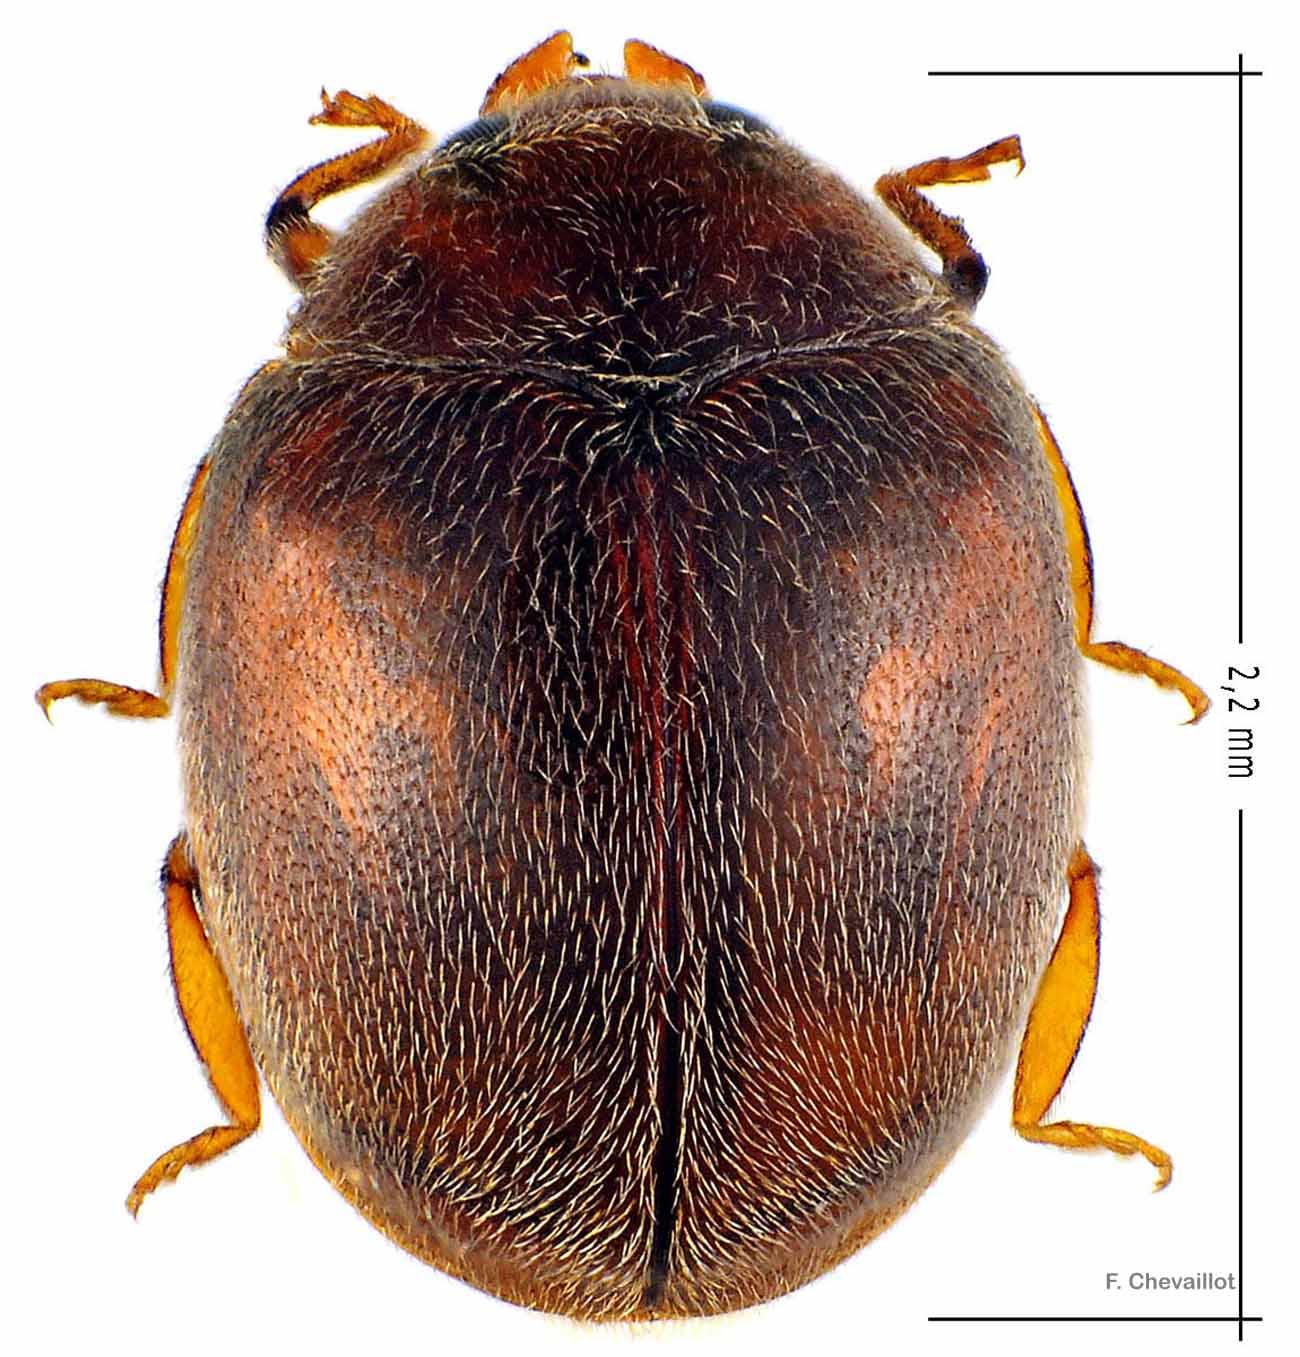 Scymnus subvillosus